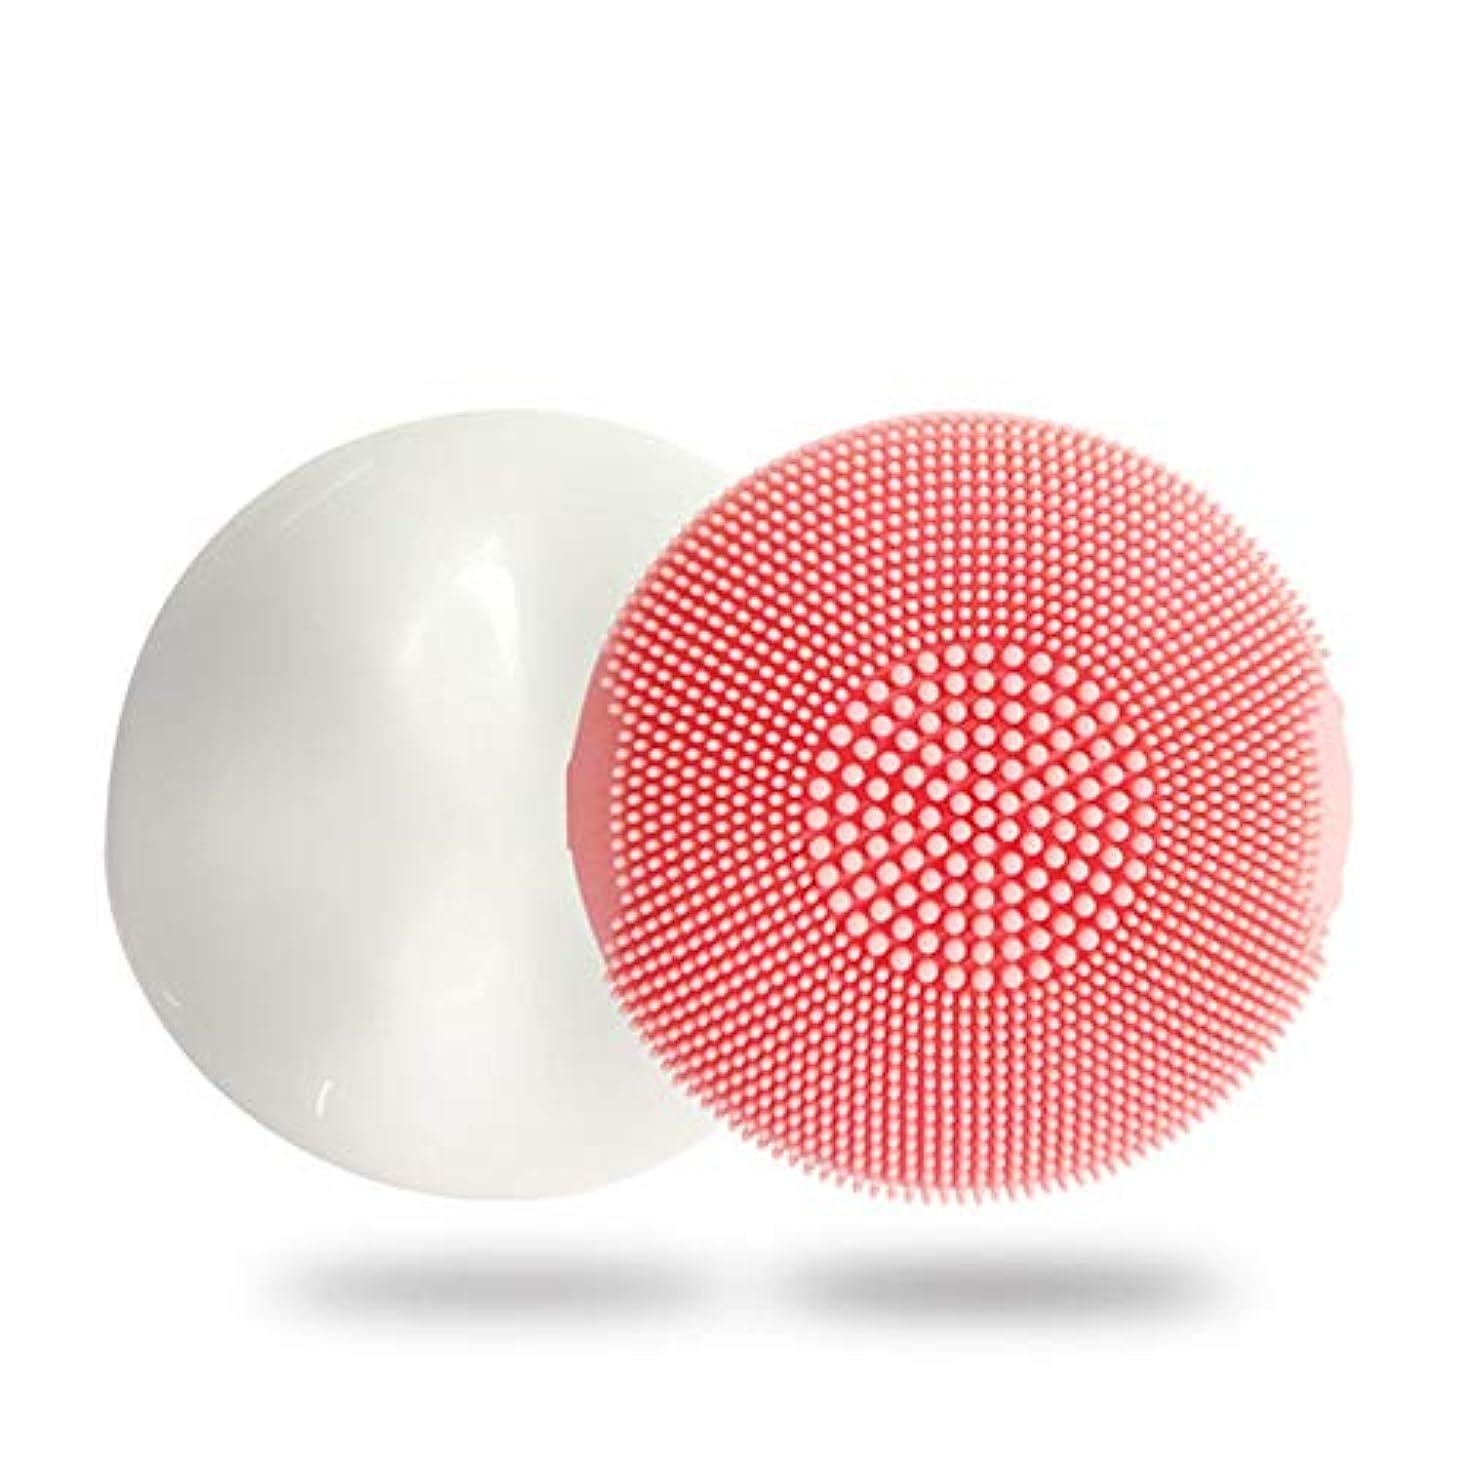 孤独な現金ずるいZXF 新電動シリコーンクレンジングブラシディープクリーニングポア防水超音波振動クレンジング楽器マッサージ器具美容器具 滑らかである (色 : Pink)